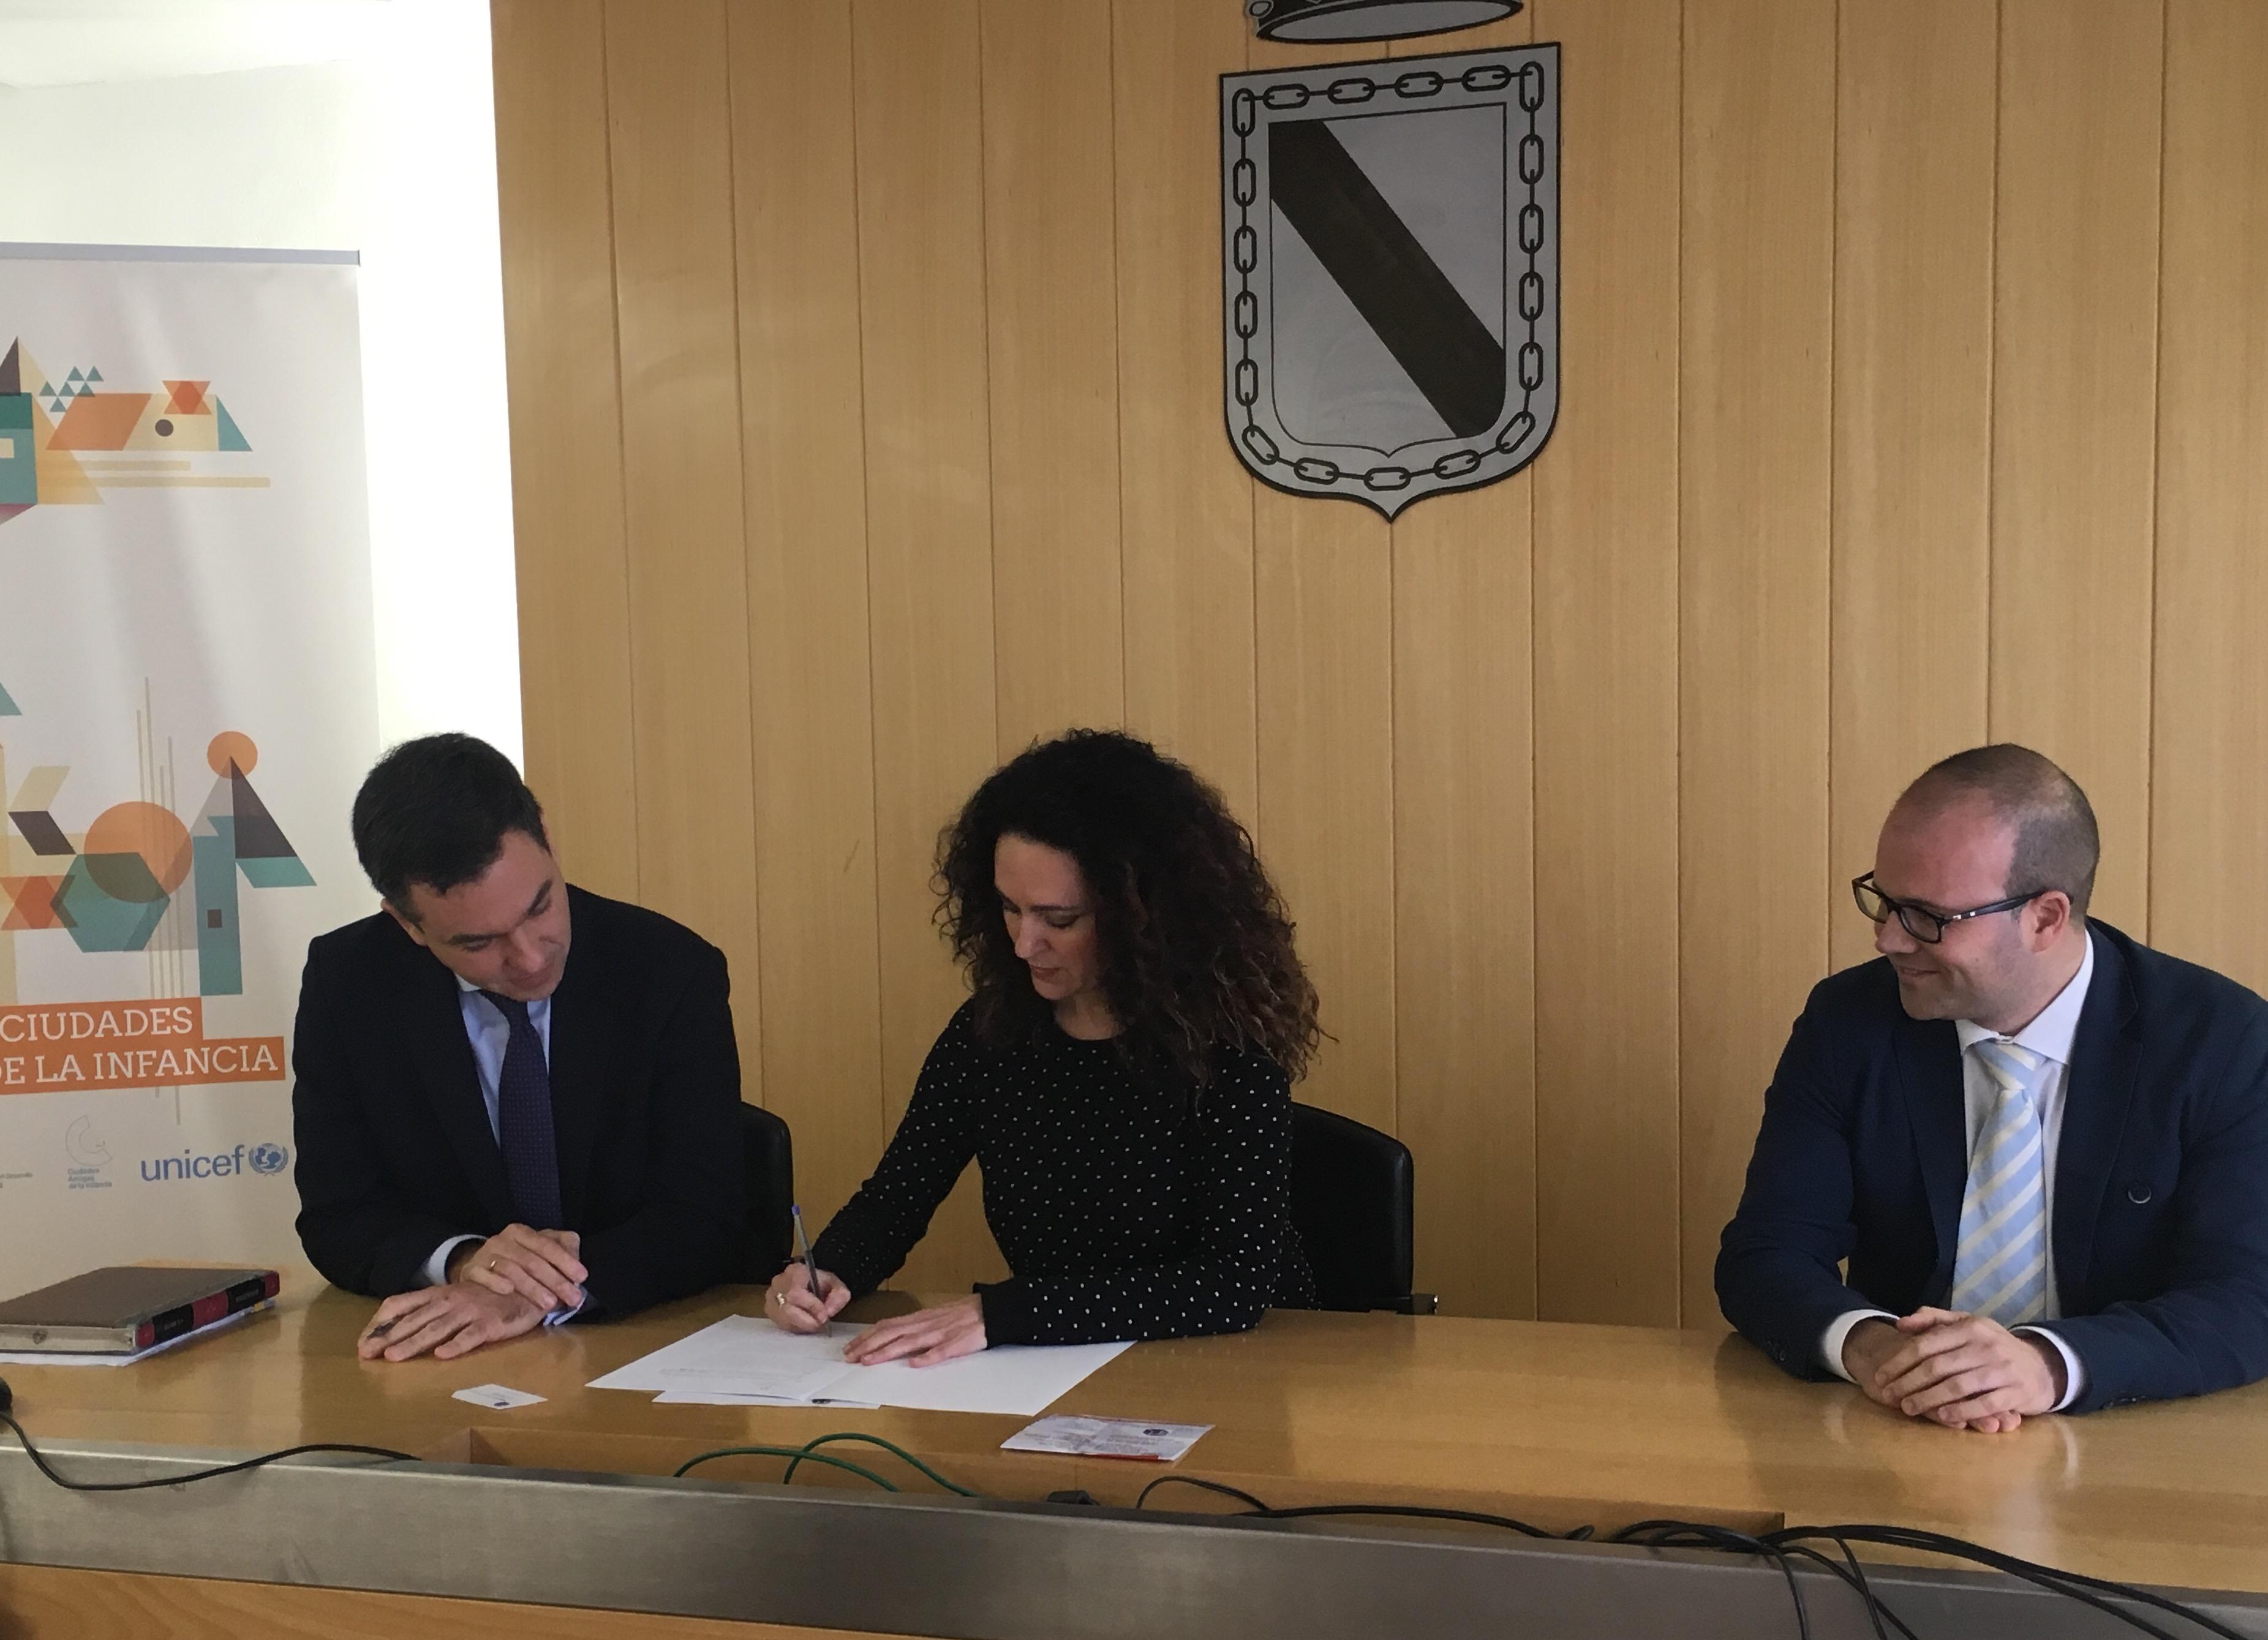 Gibrale n firma un acuerdo para dar asesoramiento jur dico for Clausula suelo acuerdo